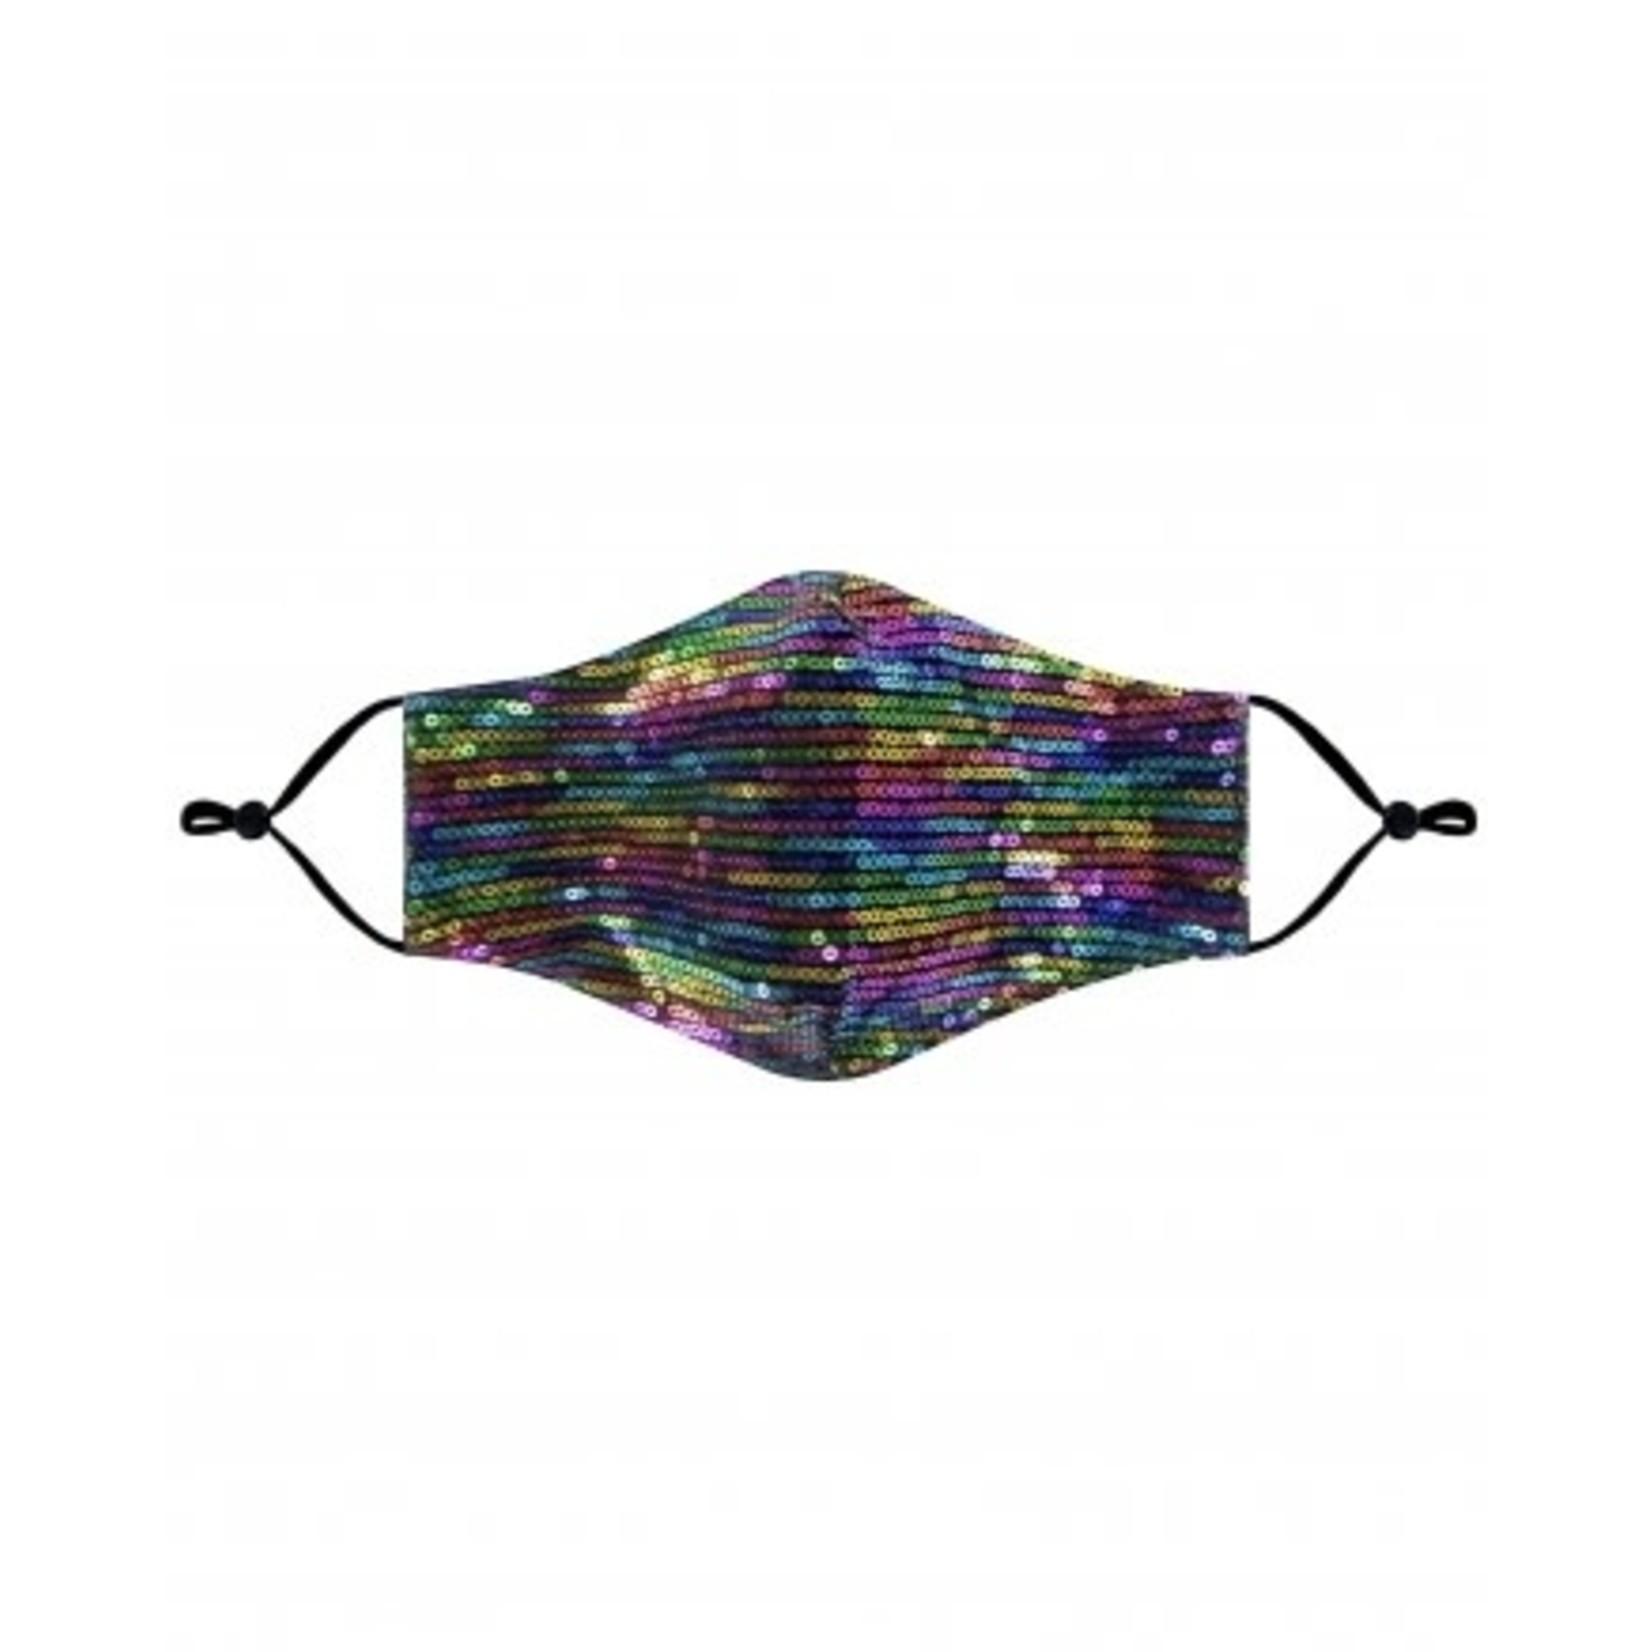 Sequin multi color cloth mask